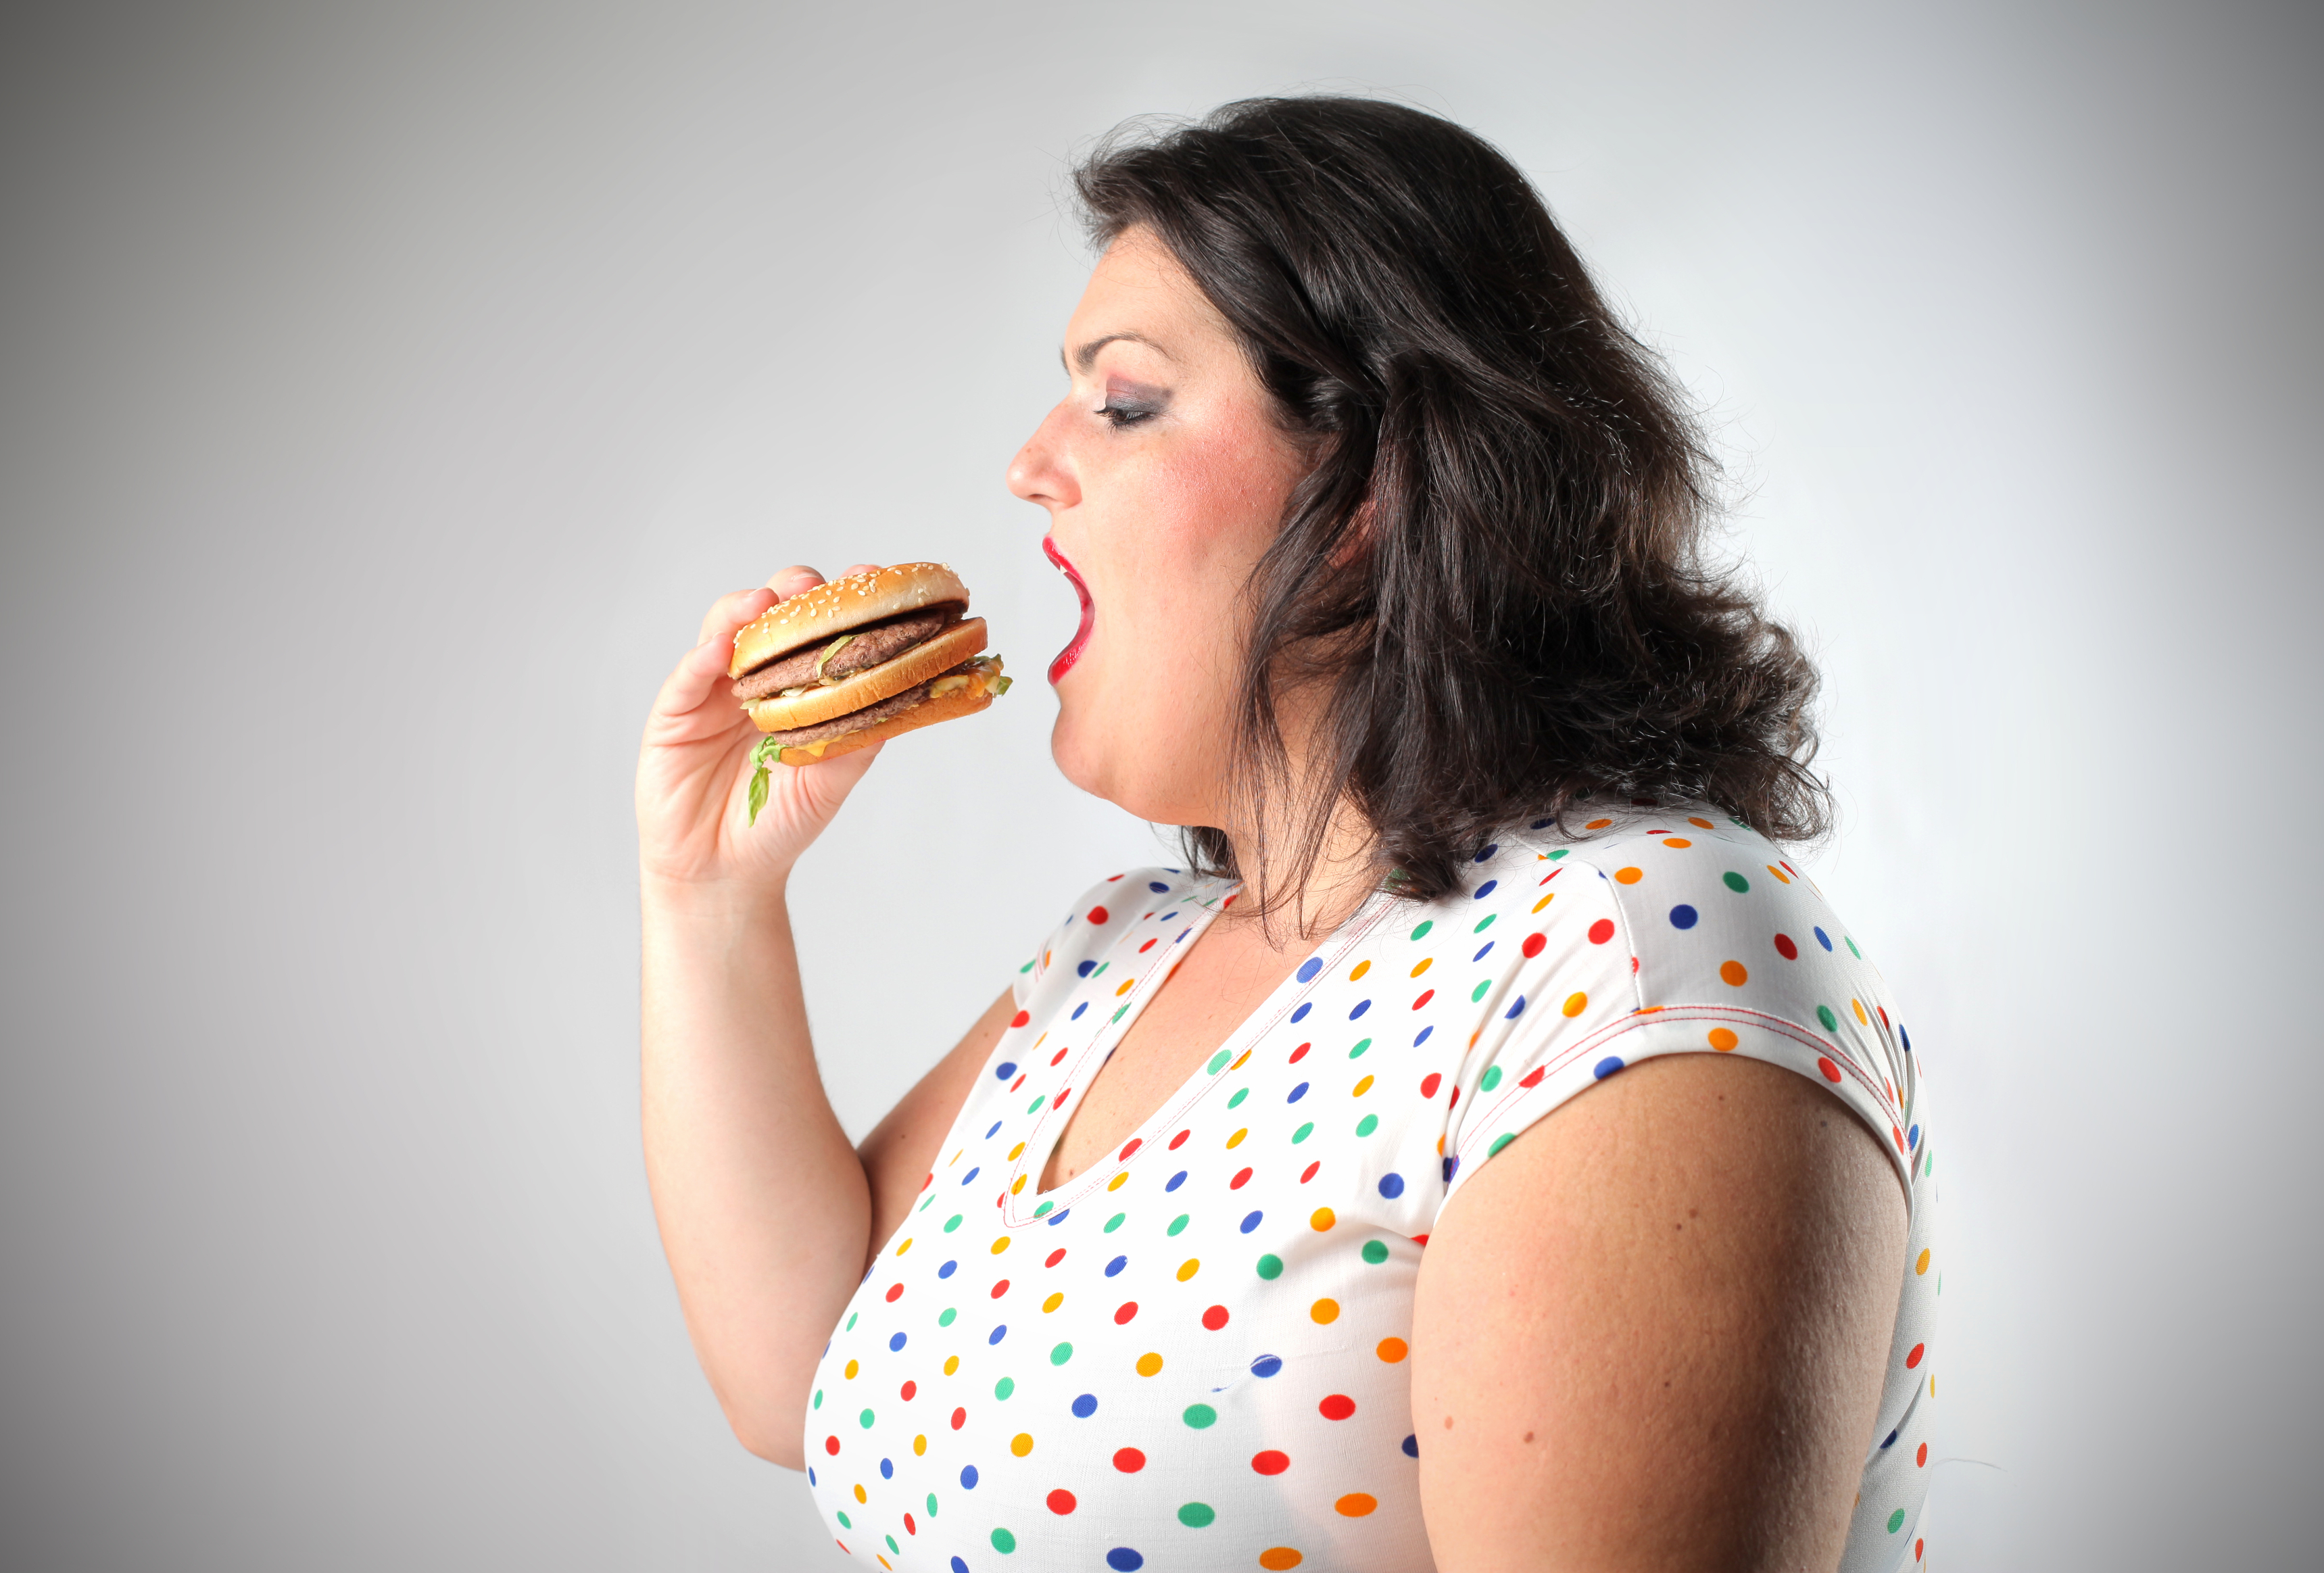 комедии про толстых девушек которые похудели